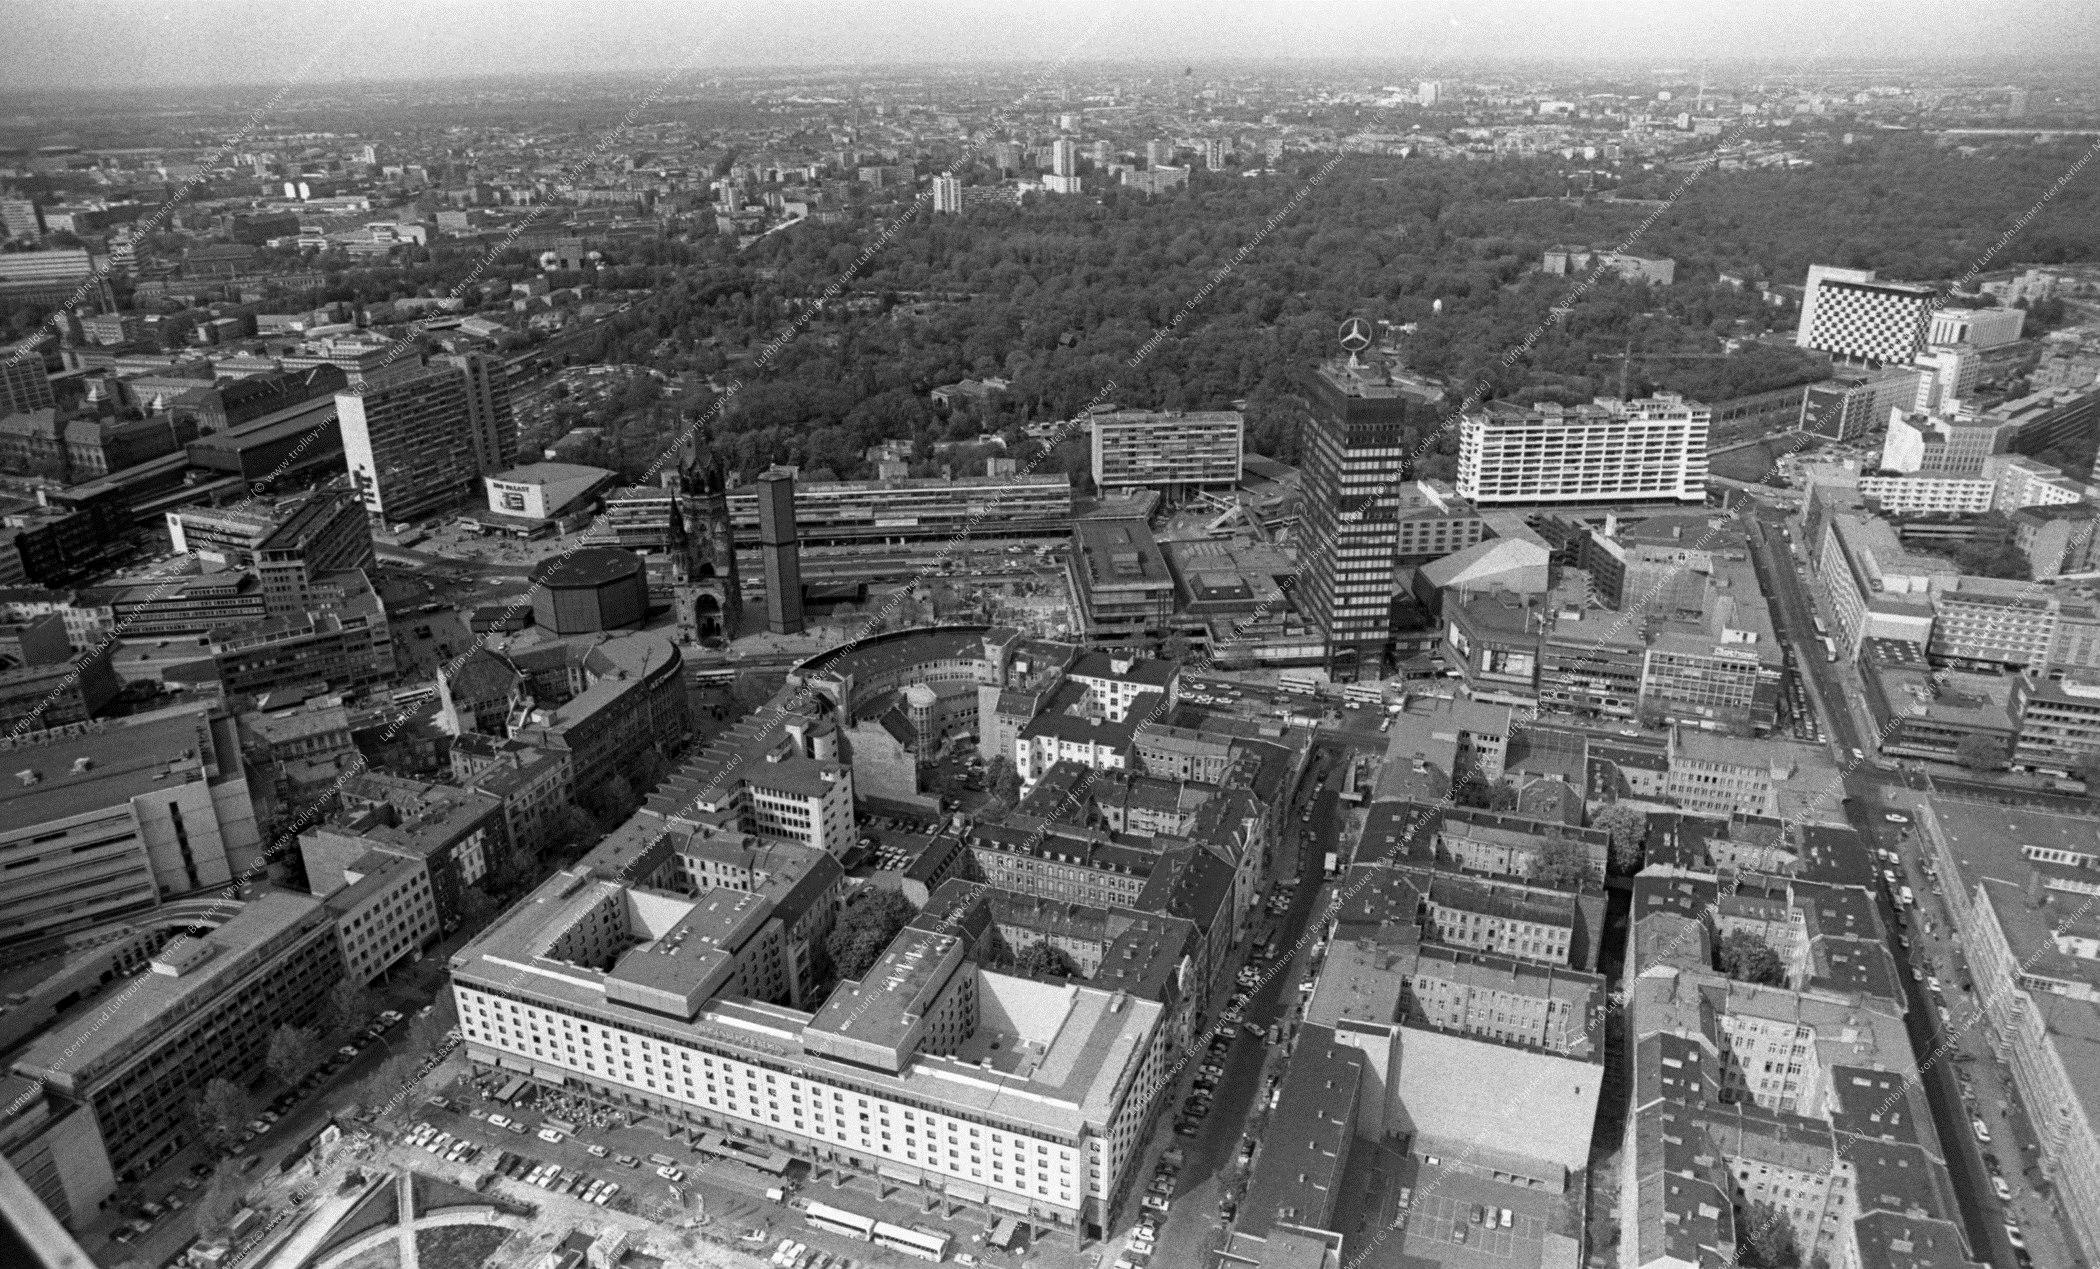 Luftbild Kurfürstendamm und Kaiser-Wilhelm-Gedächtniskirche vom 12. Mai 1982 (Bild 110)